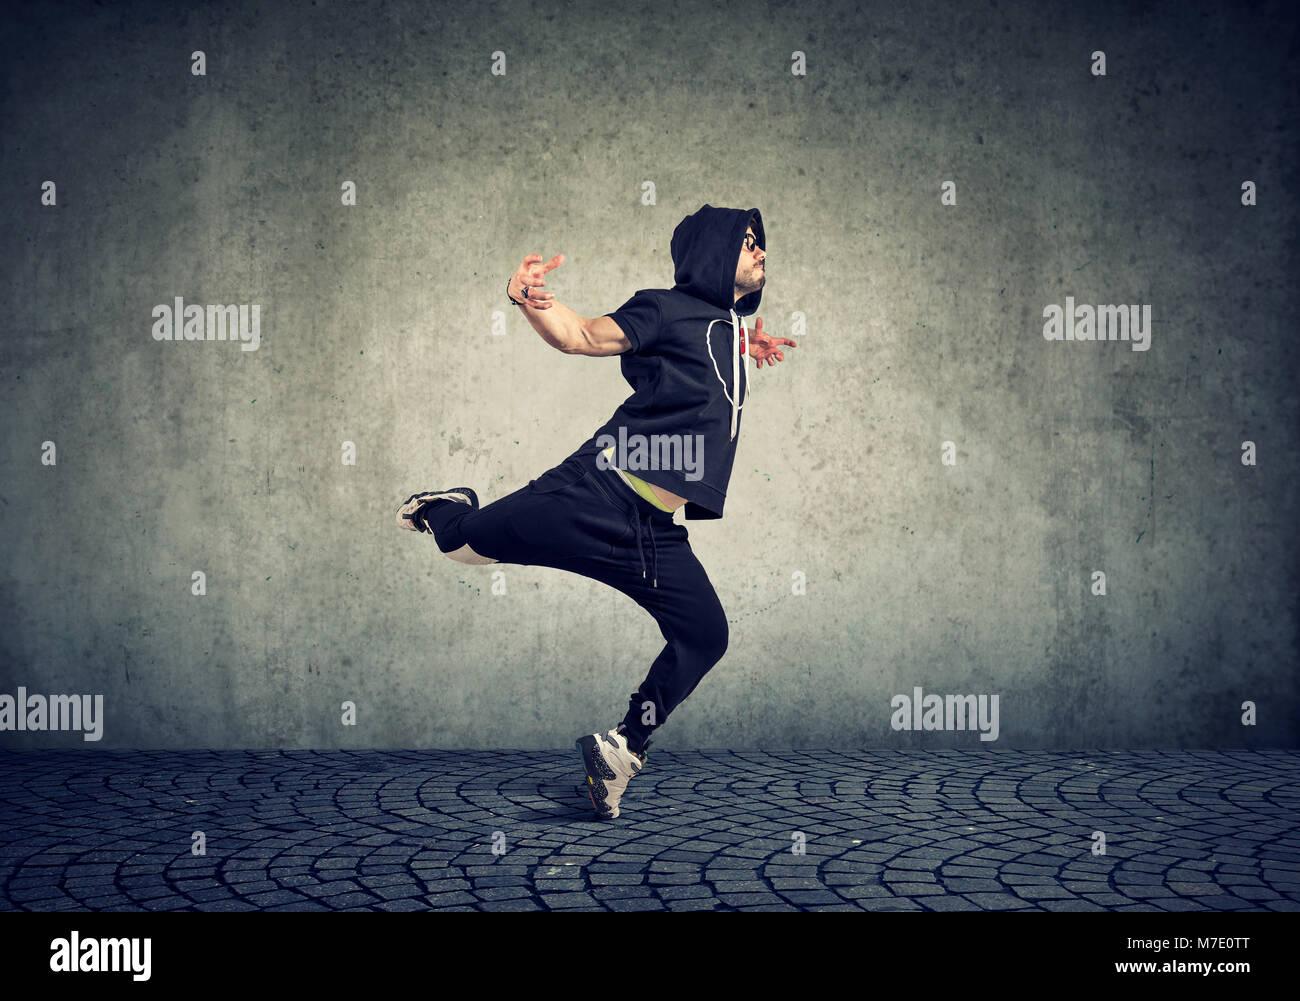 Elegante joven de moda ropa deportiva realizando street dance con el muro  gris de fondo. 6442b6cceb9